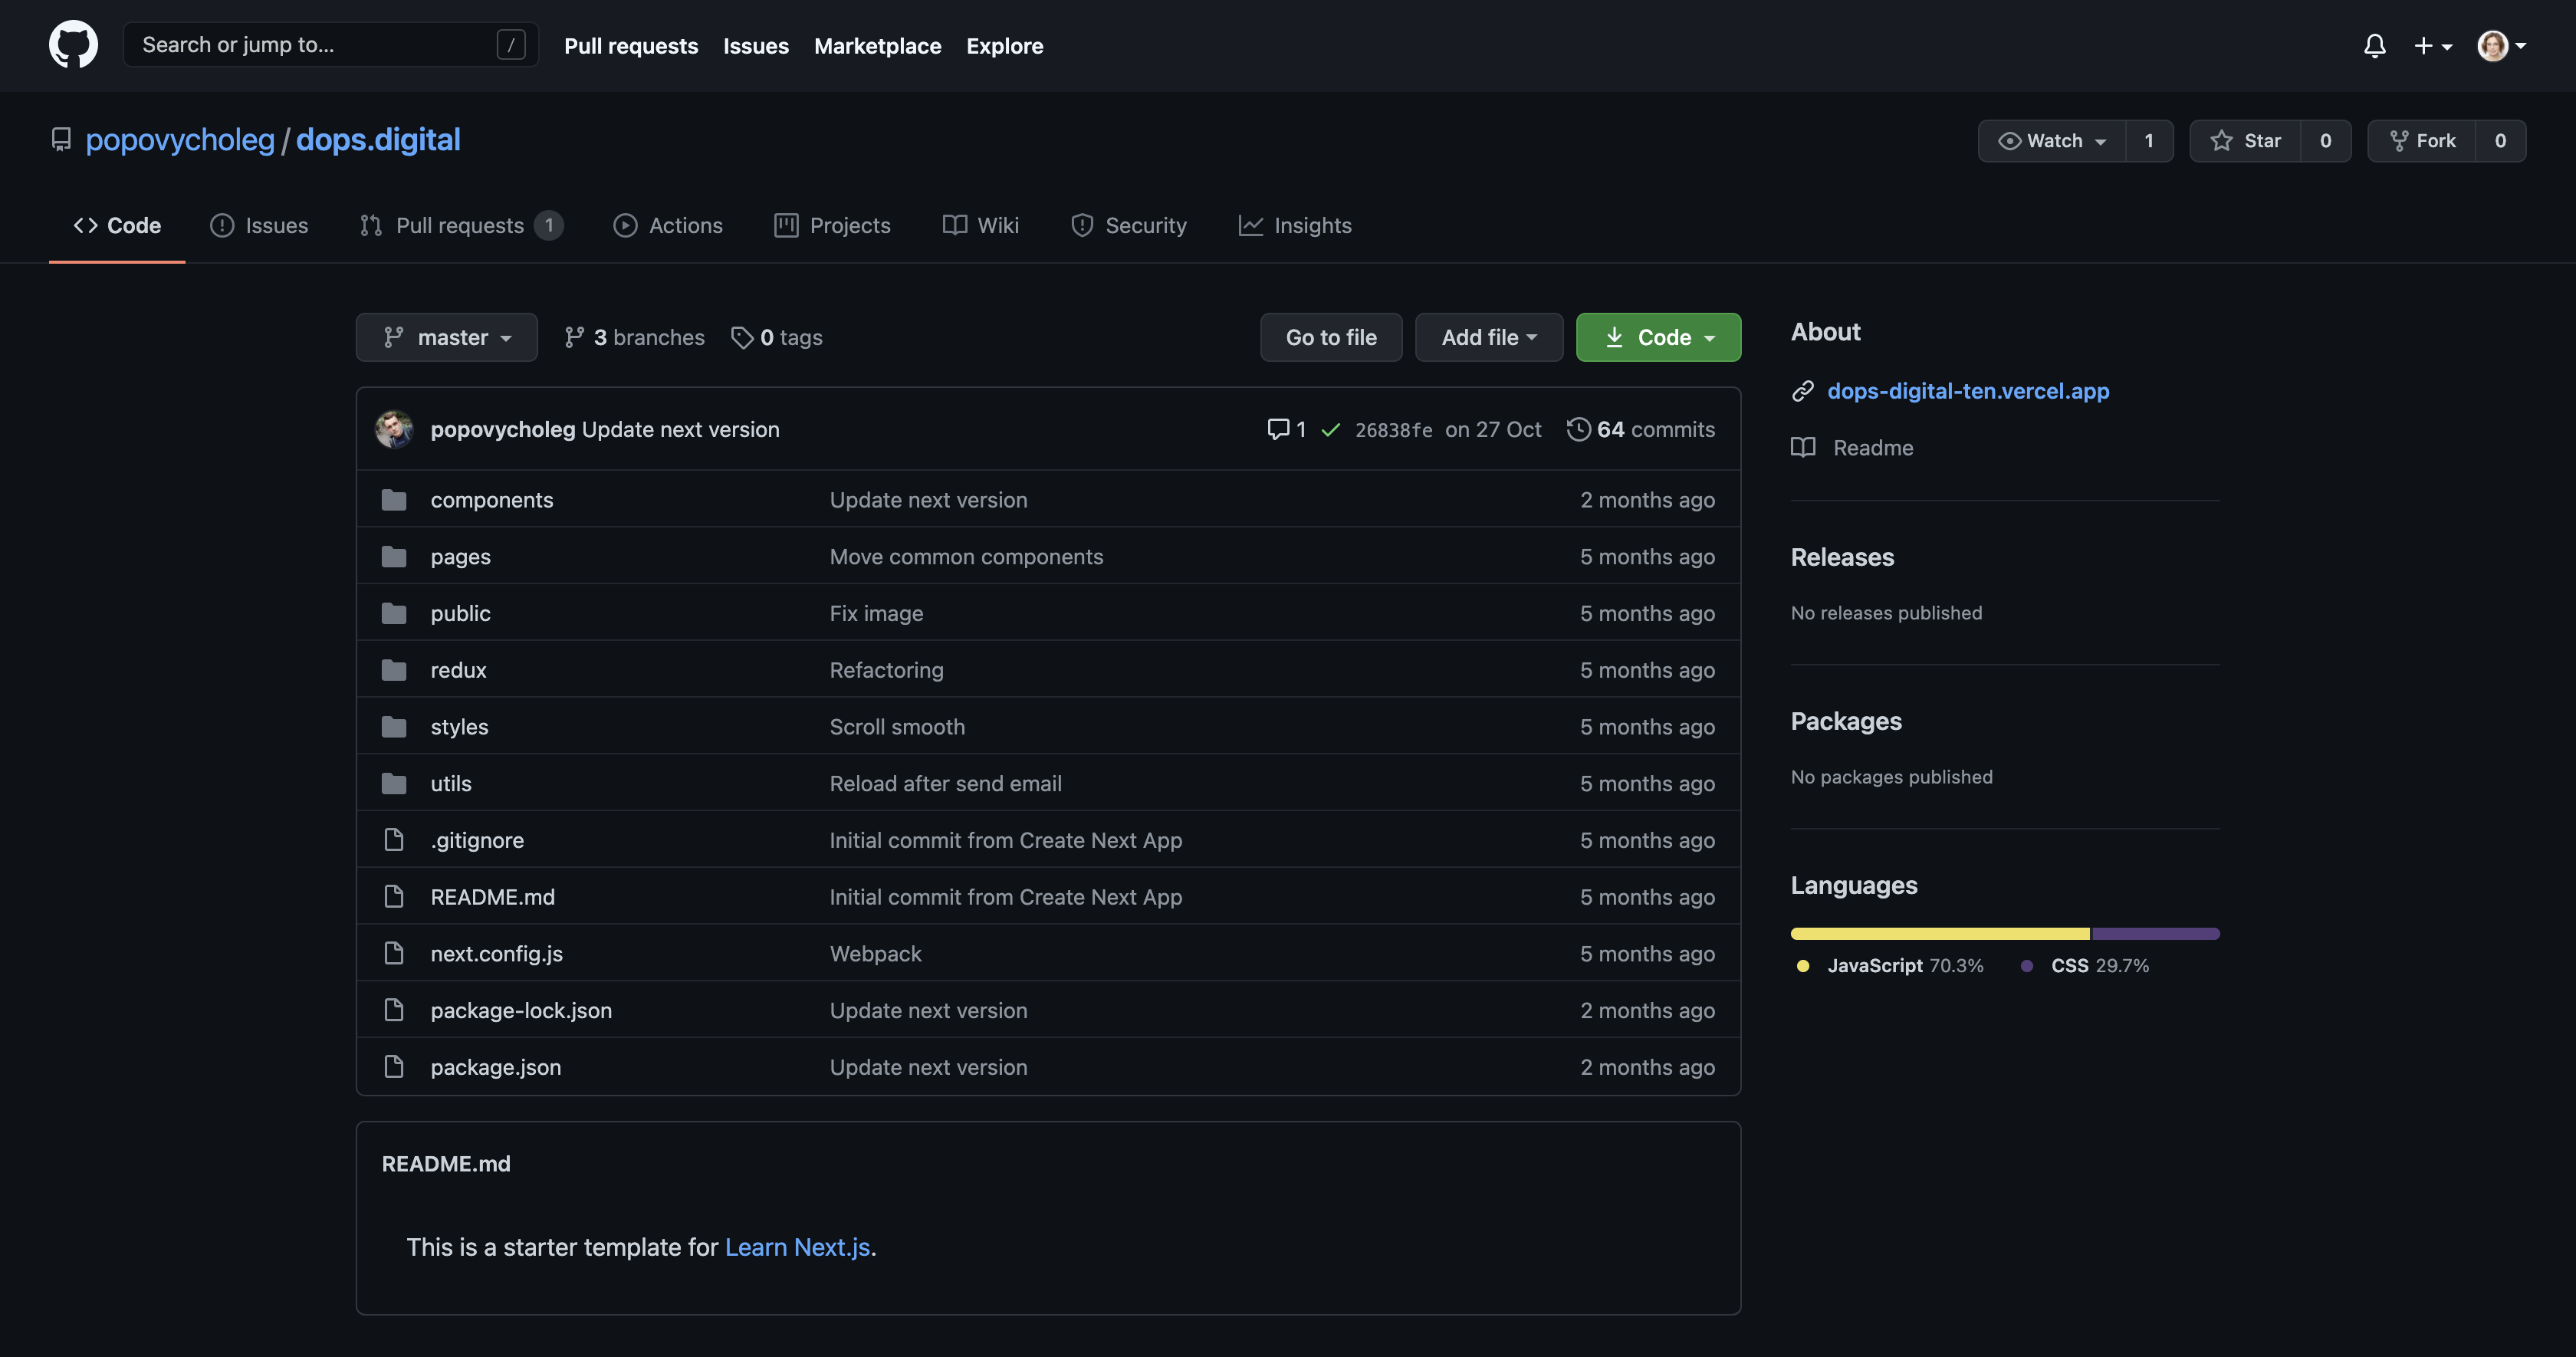 github-interface.png